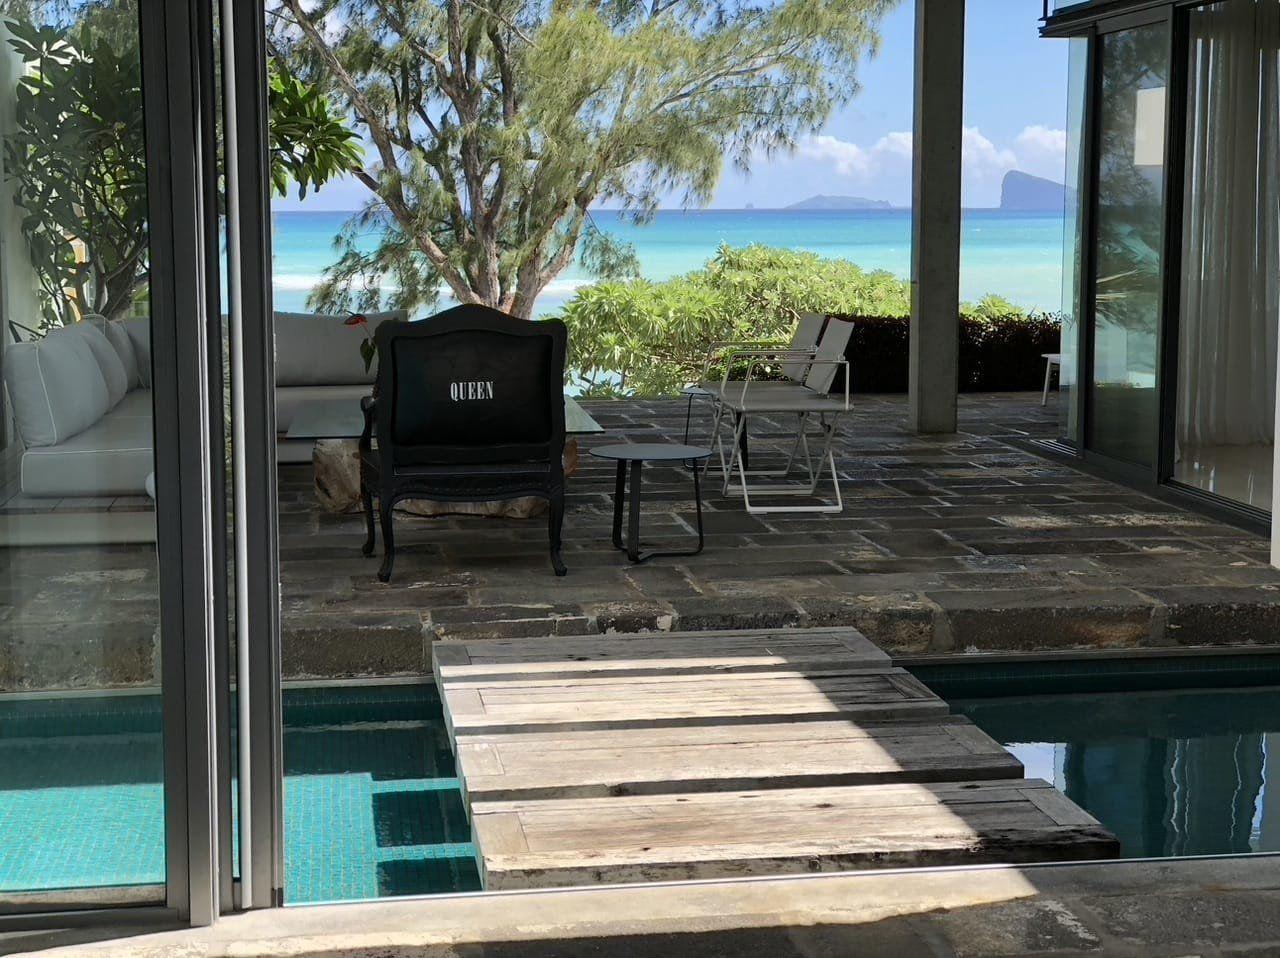 Maison à vendre 5 3657.57m2 à Ile Maurice vignette-18